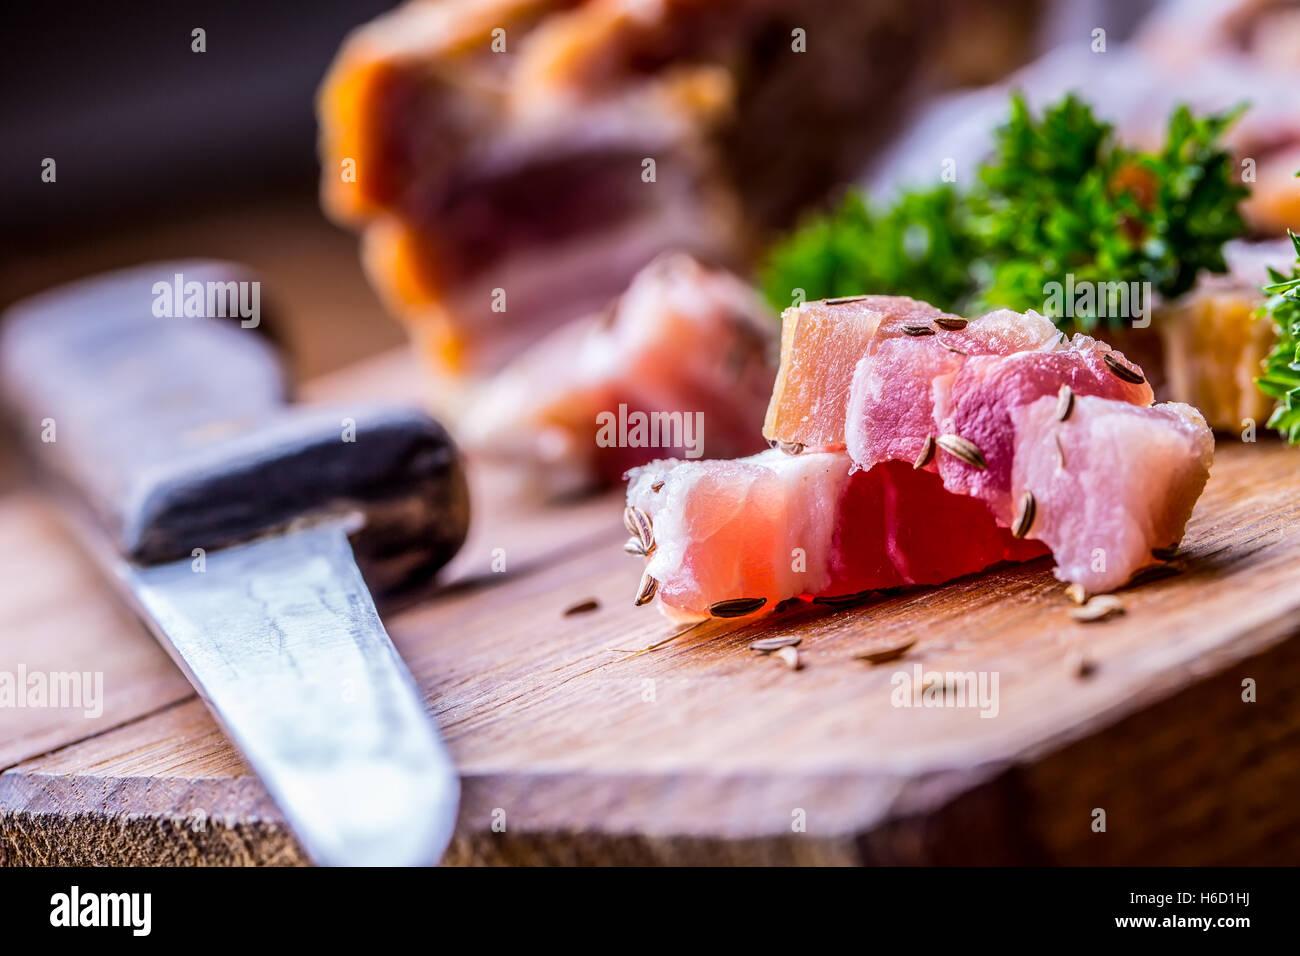 Materie fette di pancetta affumicata su tavola di legno con cumino e erbe aromatiche. Immagini Stock